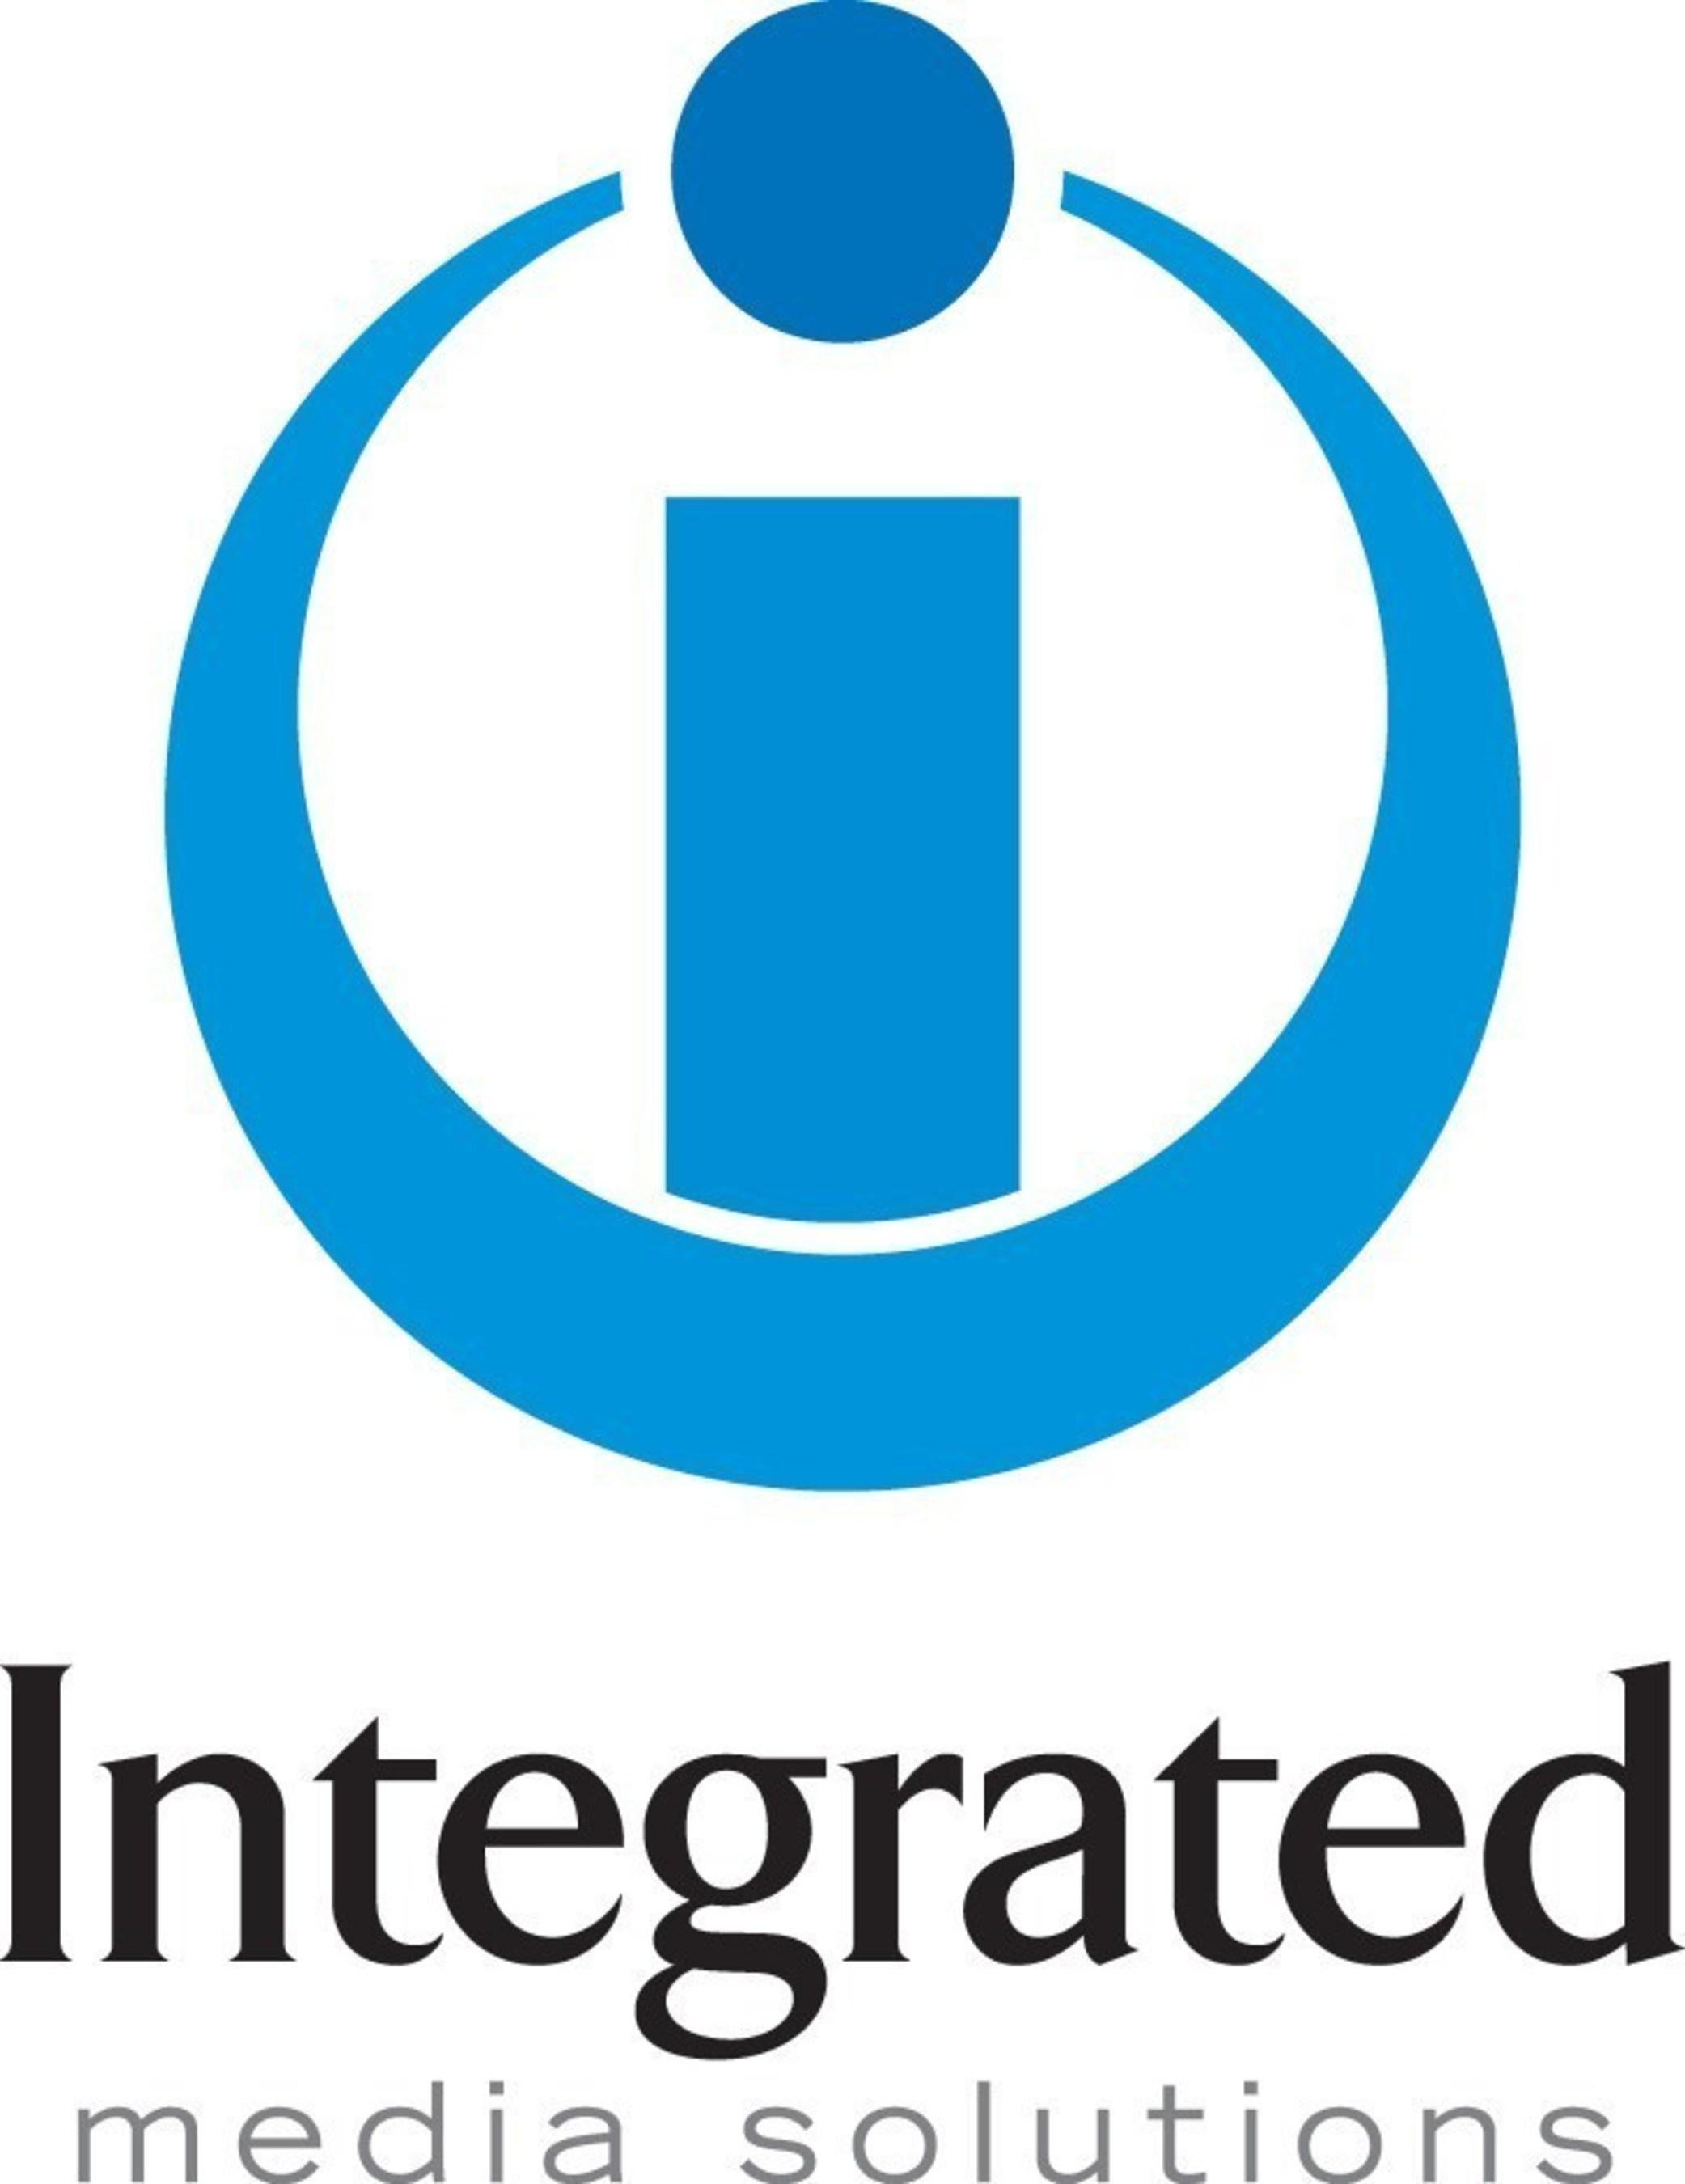 Integrated Media Solutions logo